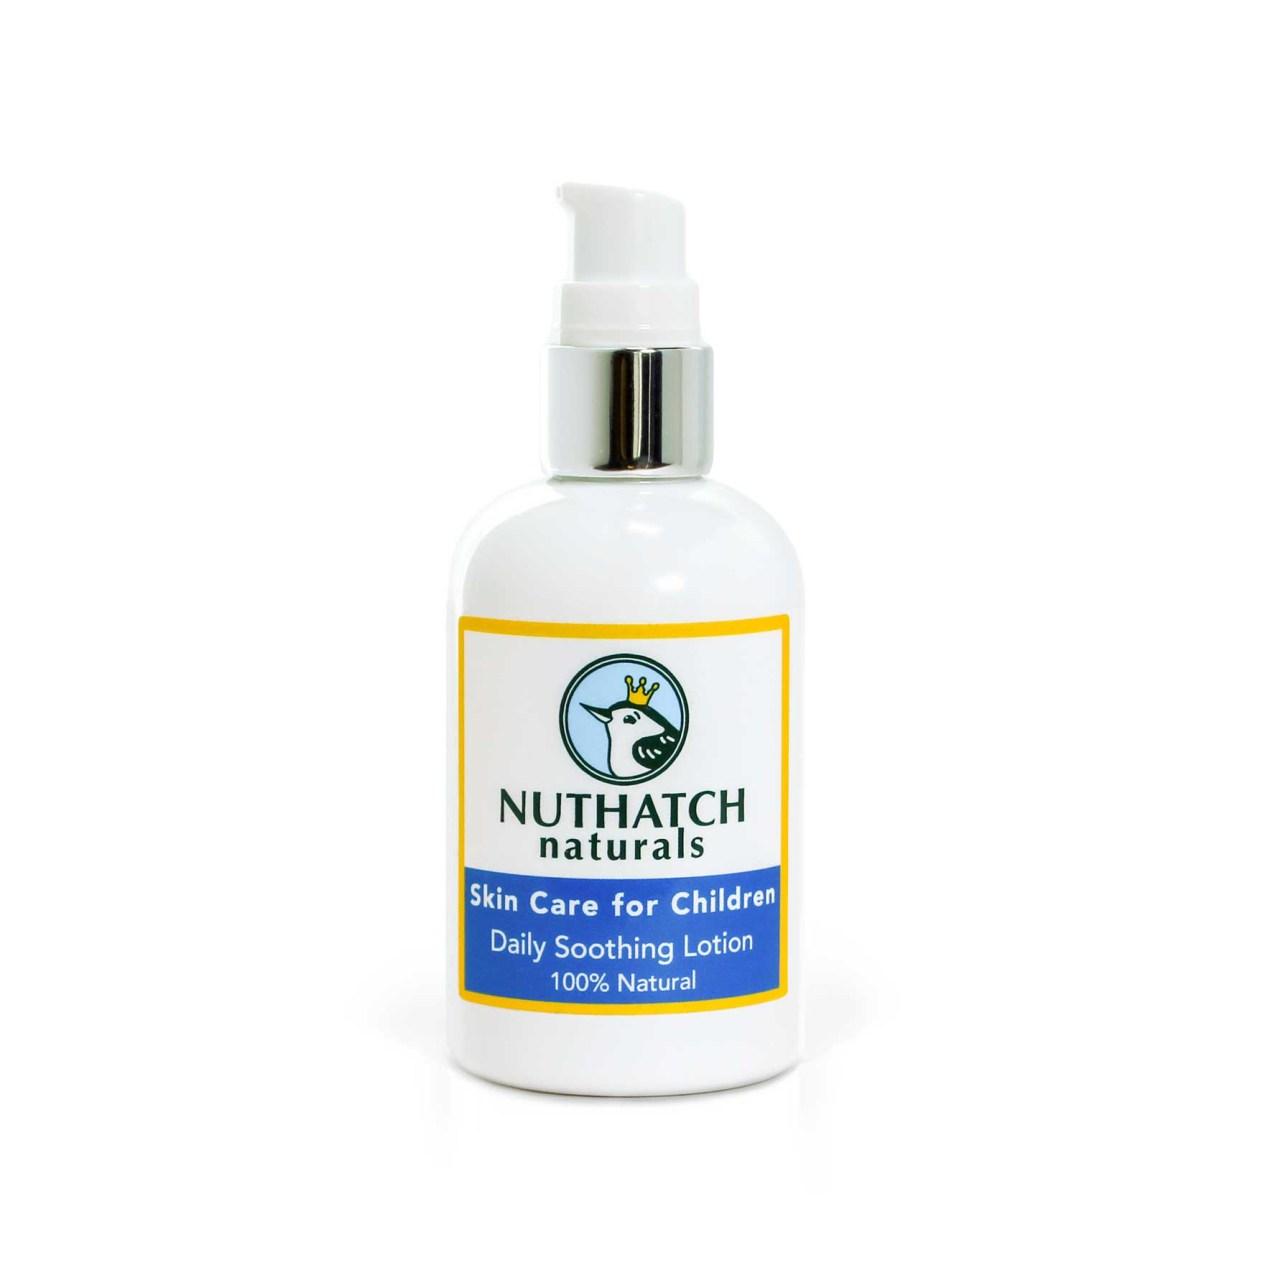 Nuthatch_Nturals_Bottle